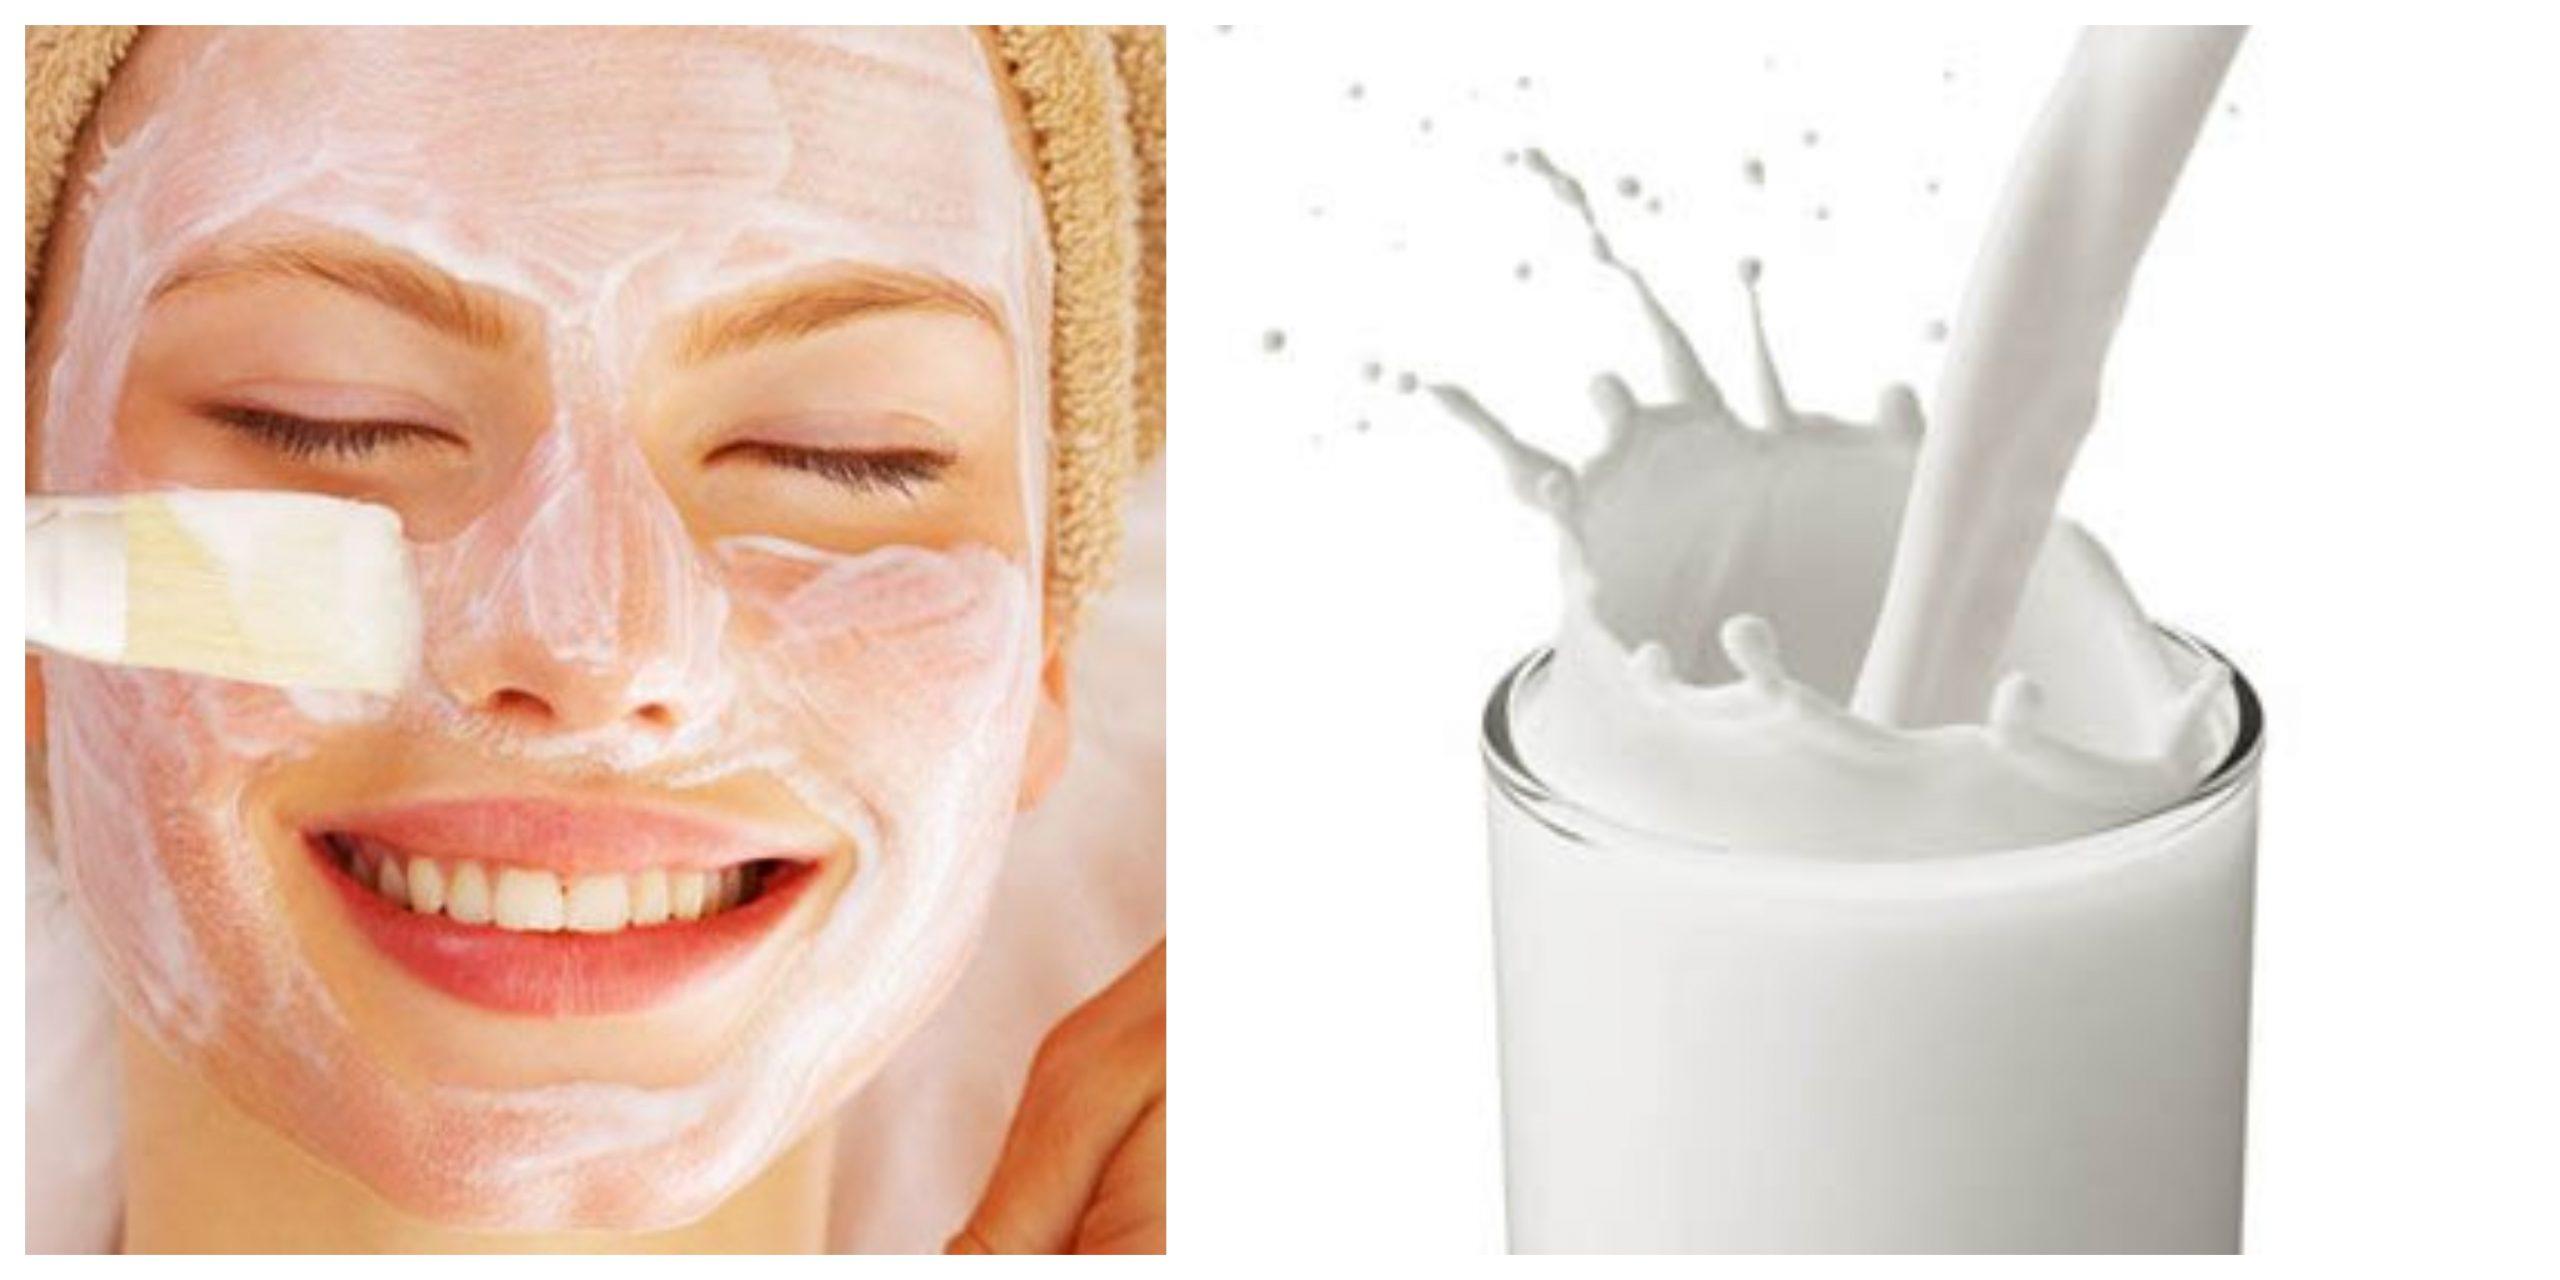 فوائد مذهلة لاستخدام الحليب للوجه والبشرة